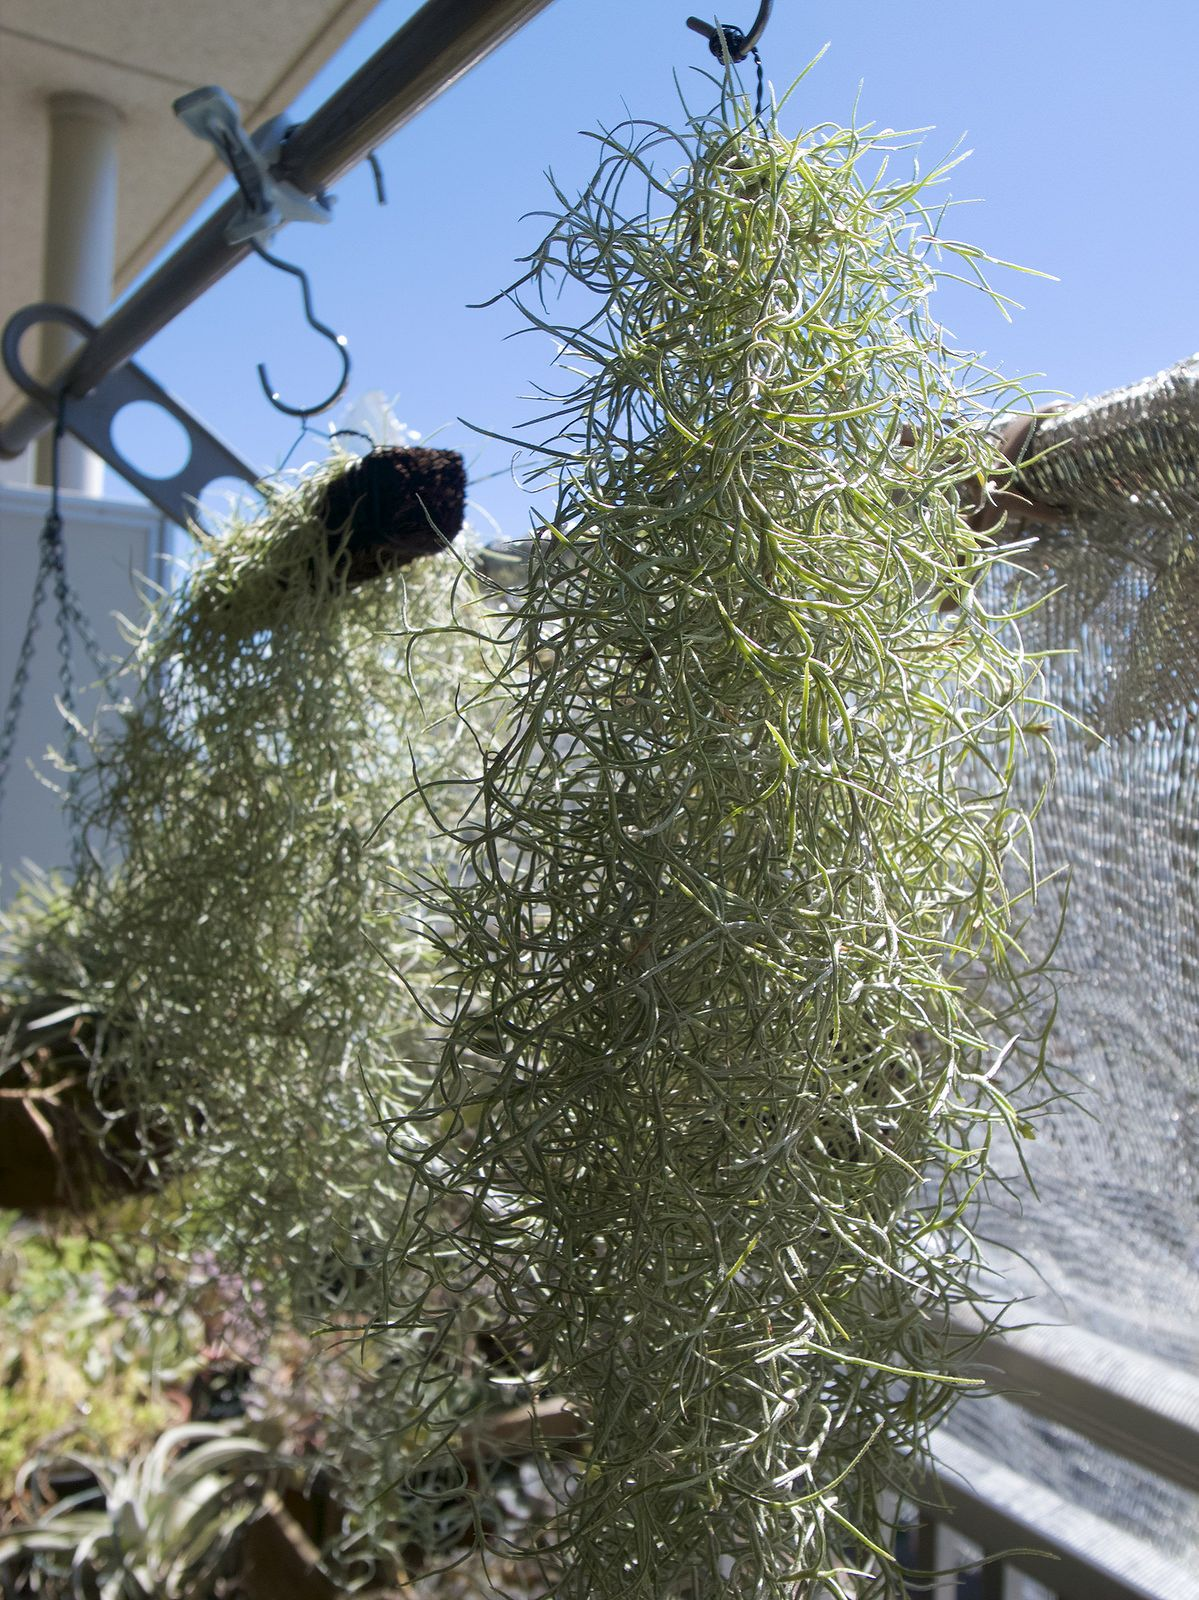 Tillandsia usneoides (Spanish moss), チランジア・ウスネオイデス(スパニッシュ